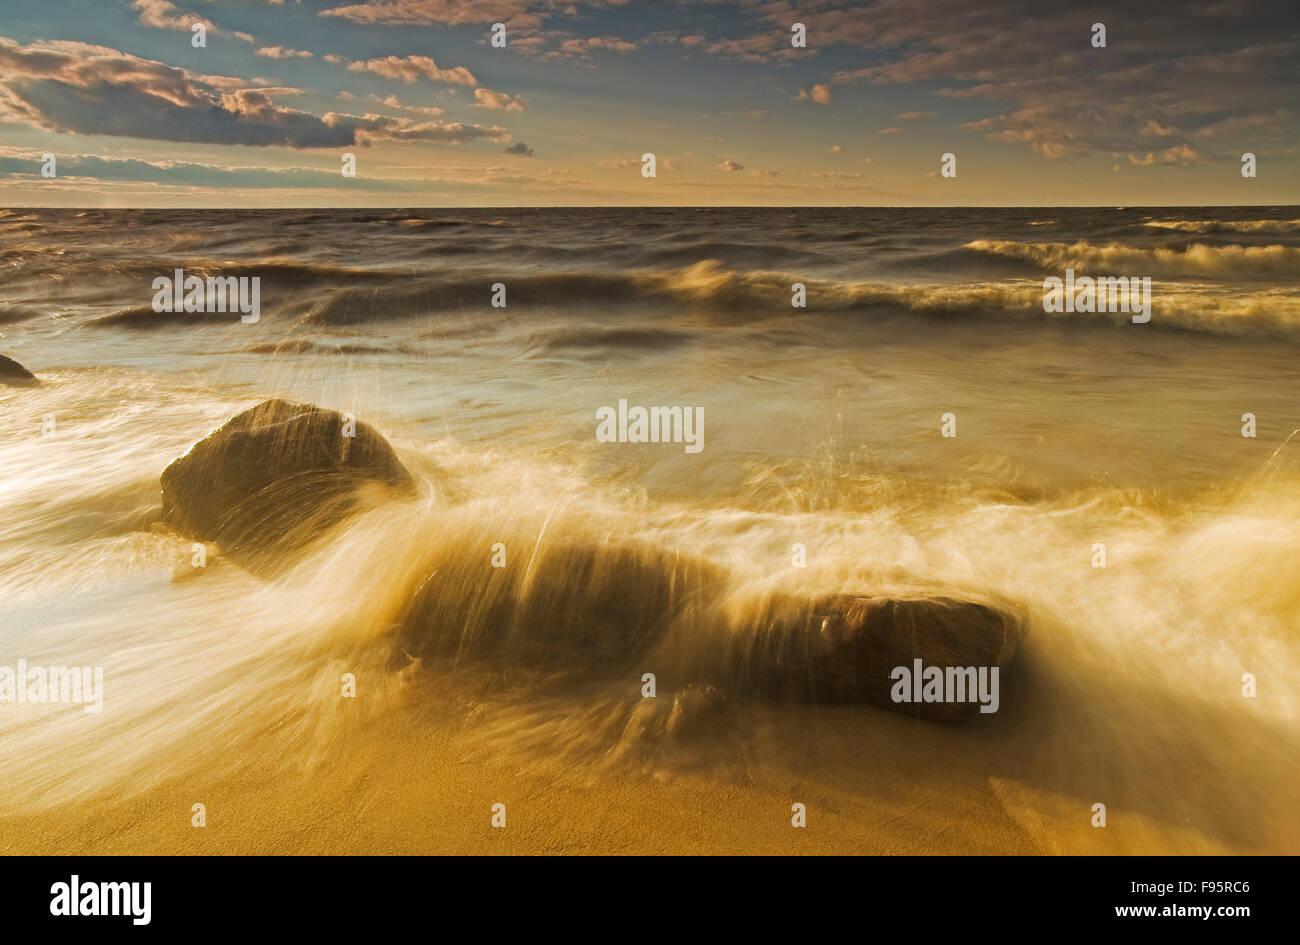 Surf durante una noche ventosa, ladera Playa, Lago Winnipeg, Manitoba, Canadá Foto de stock